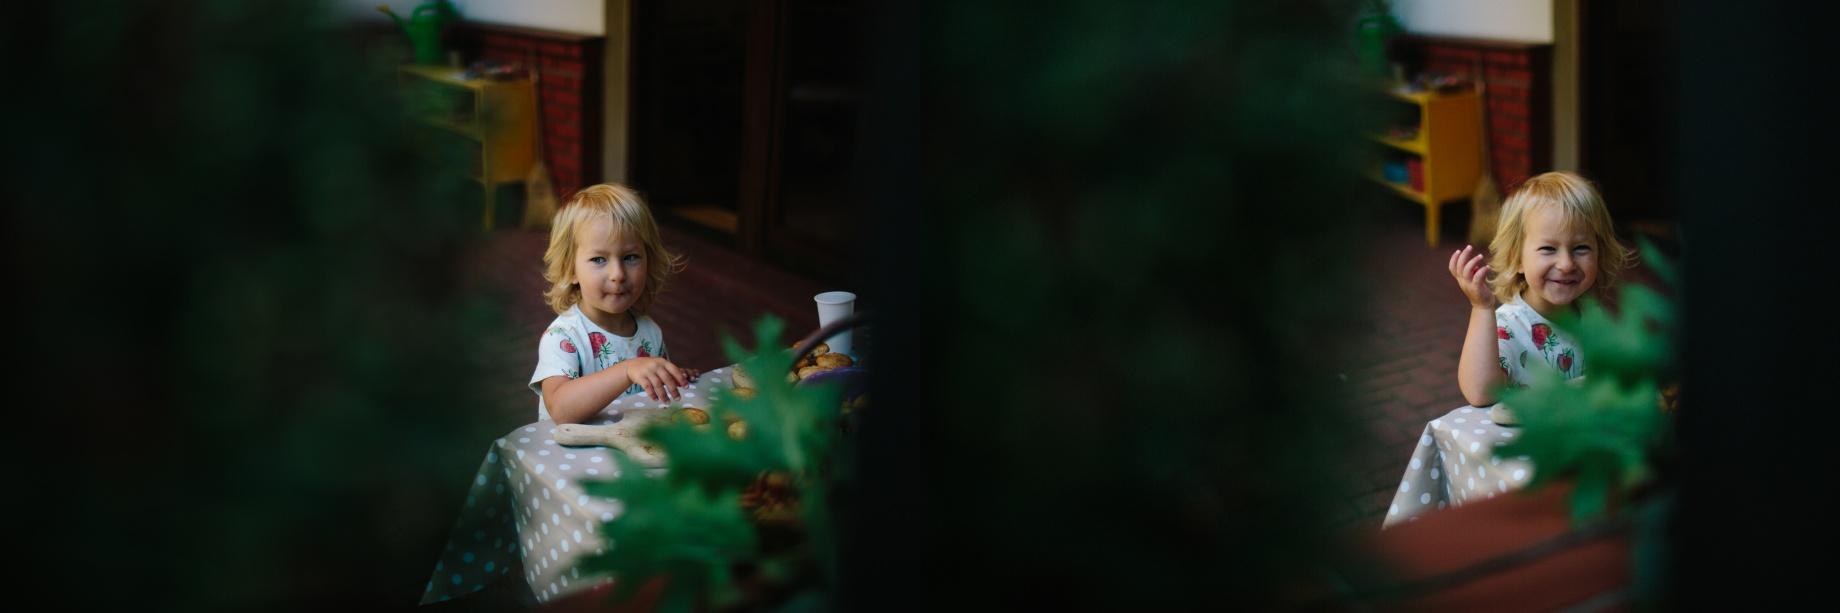 fotografie dzieci